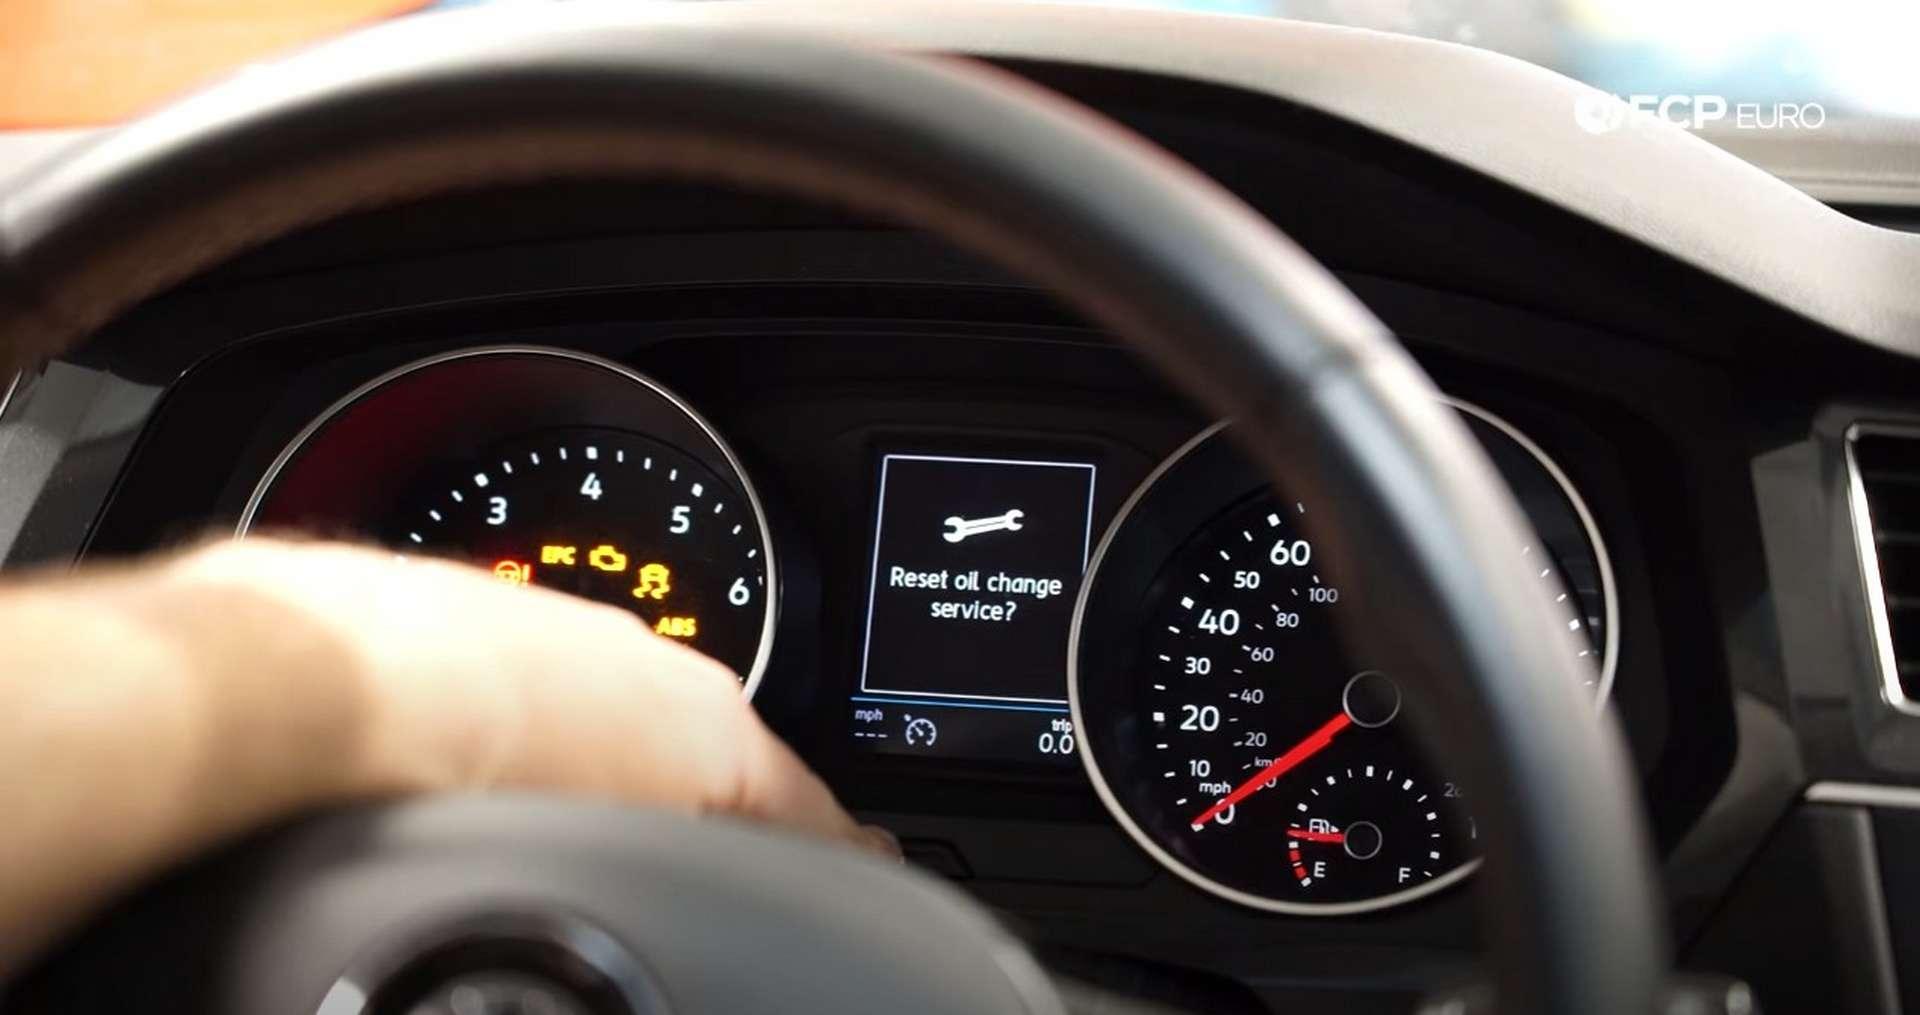 """DIY Volkswagen EA888 Oil Change """"reset oil change service"""" prompt"""